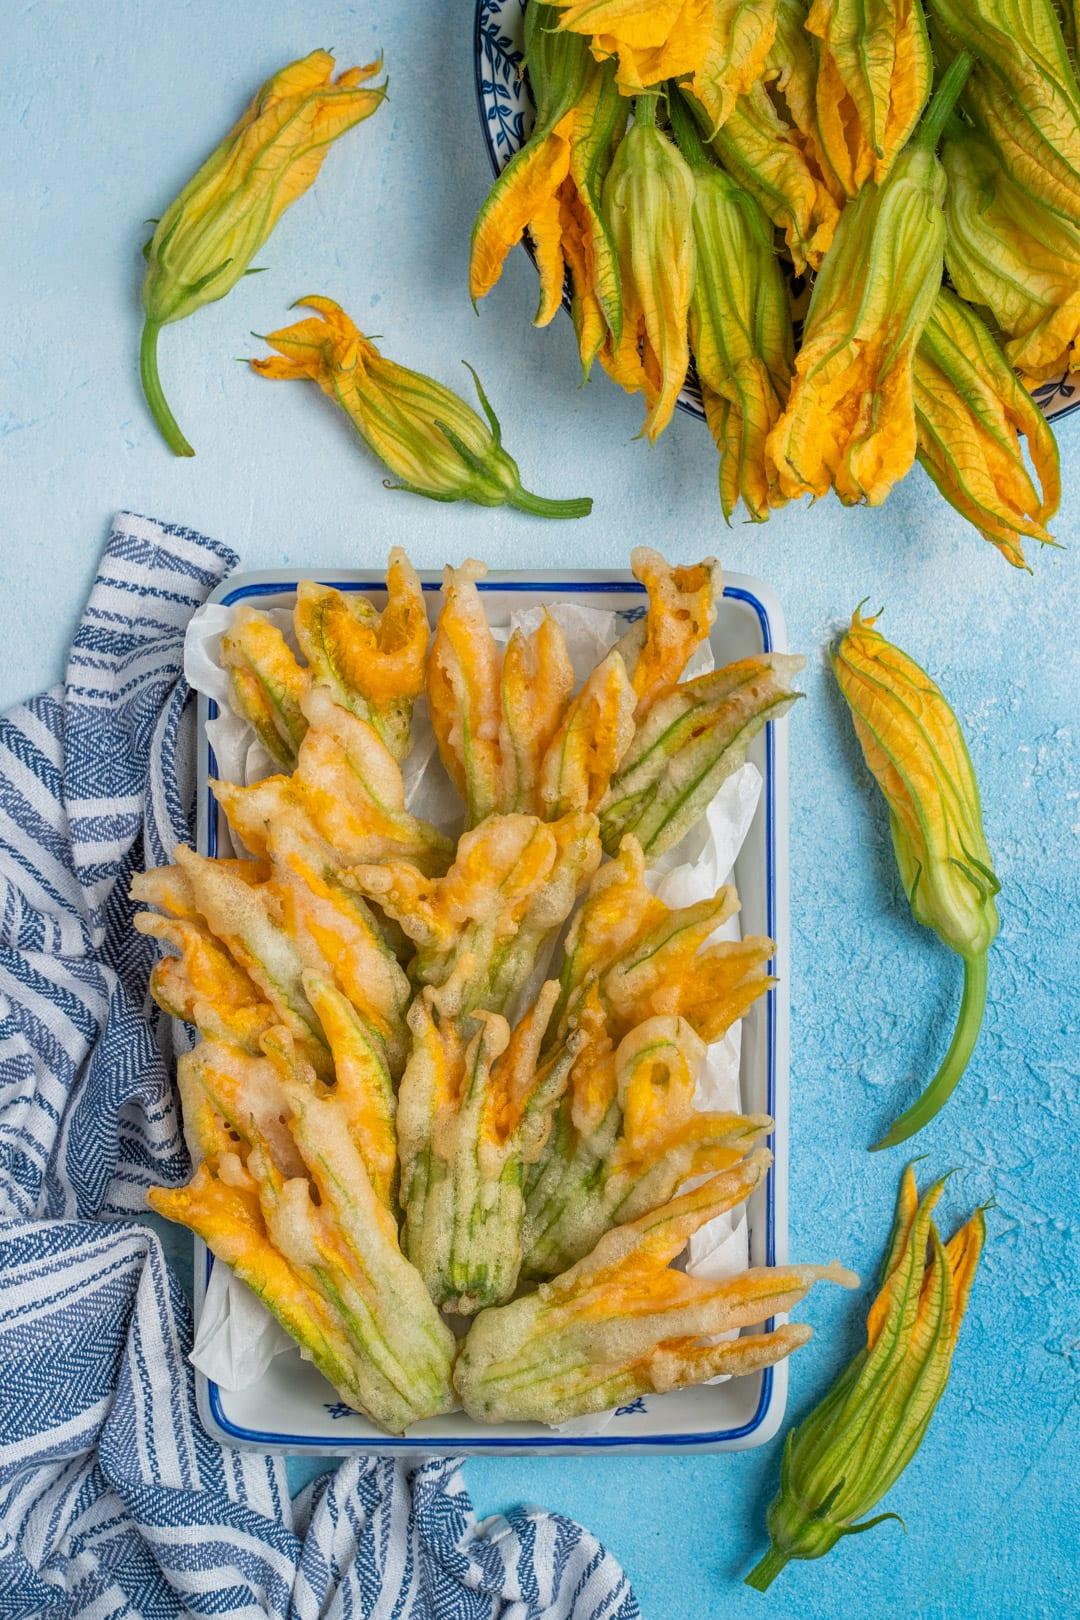 Fiori di zucca fritti in pastella pronti per l'assaggio